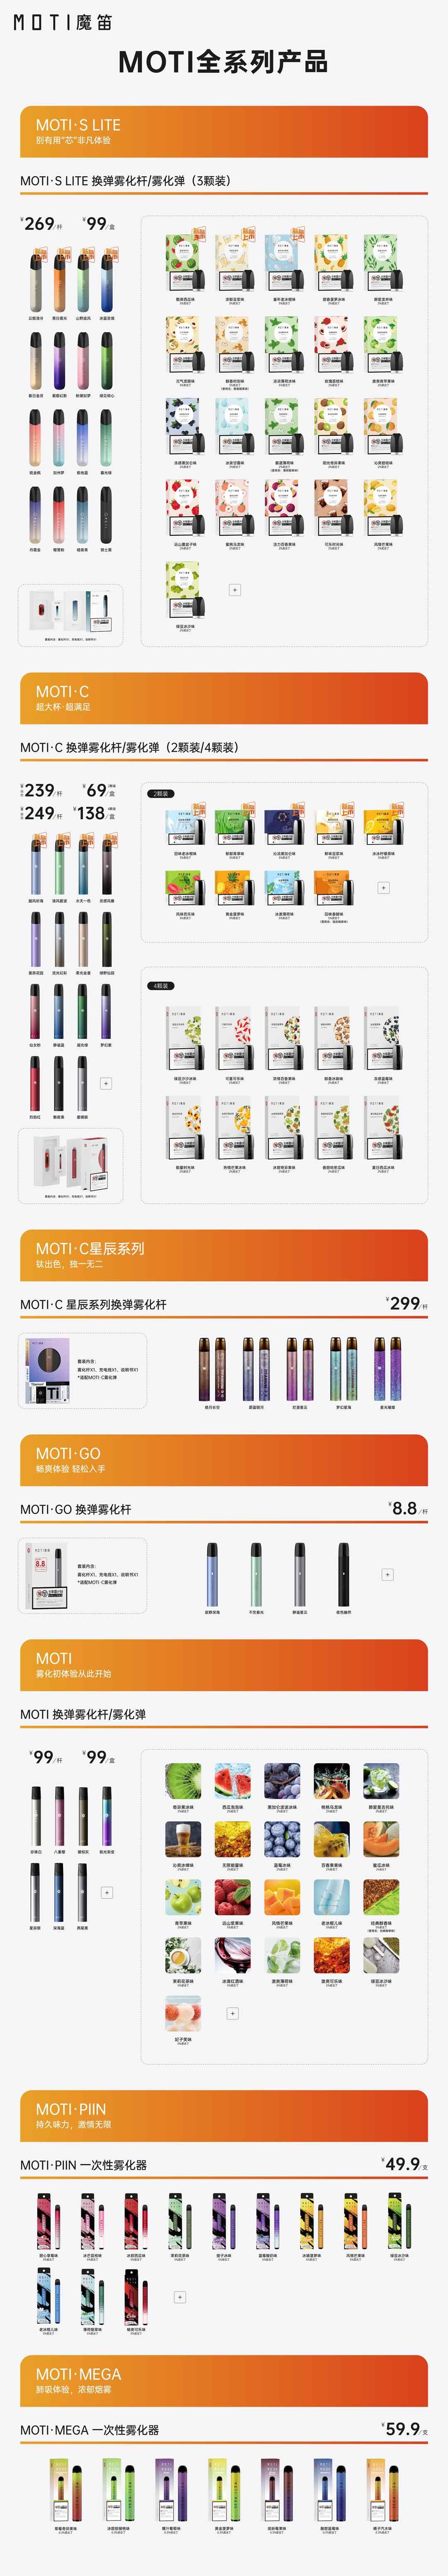 魔笛电子烟最新全系列套装产品售价